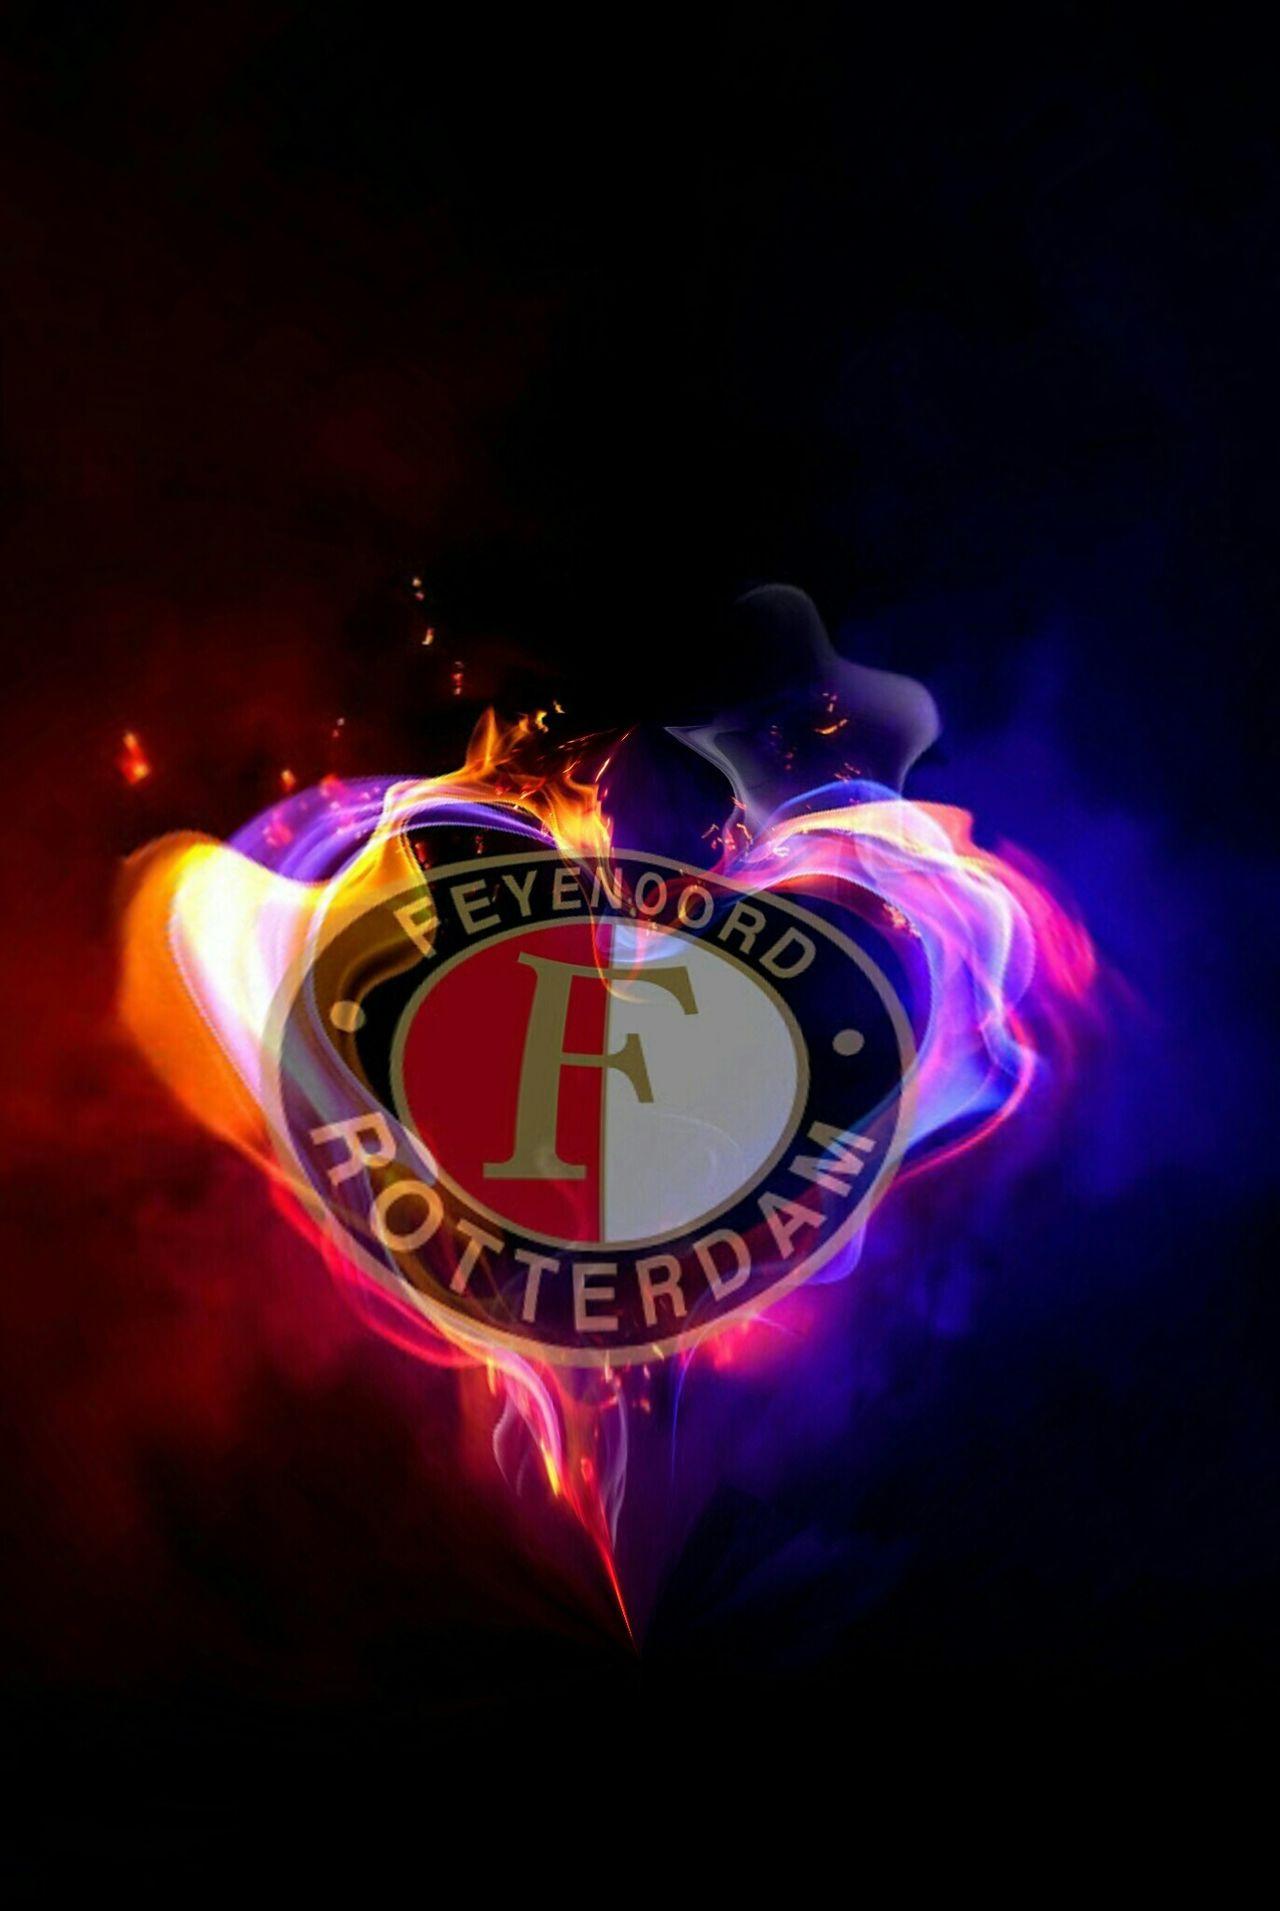 Feyenoord Football Club Feyenoord Rotterdam Football Fan Most Loyal Fans Feyenoord Legion! The Legion The Purist Loyalty Feyenoord Heart